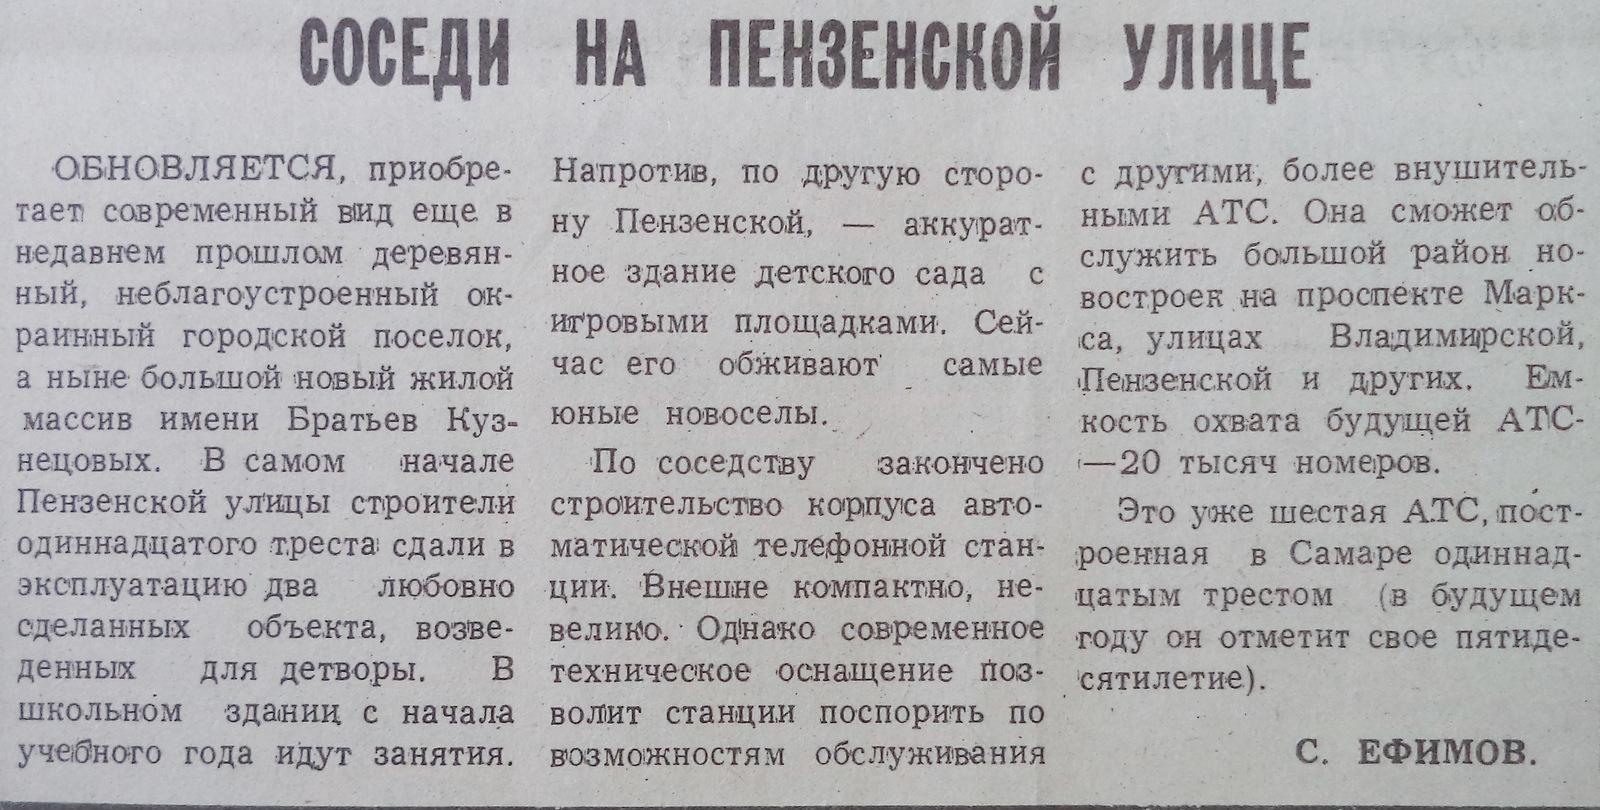 Пензенская-ФОТО-40-ВЗя-1991-12-05-новостр. по Пенз.